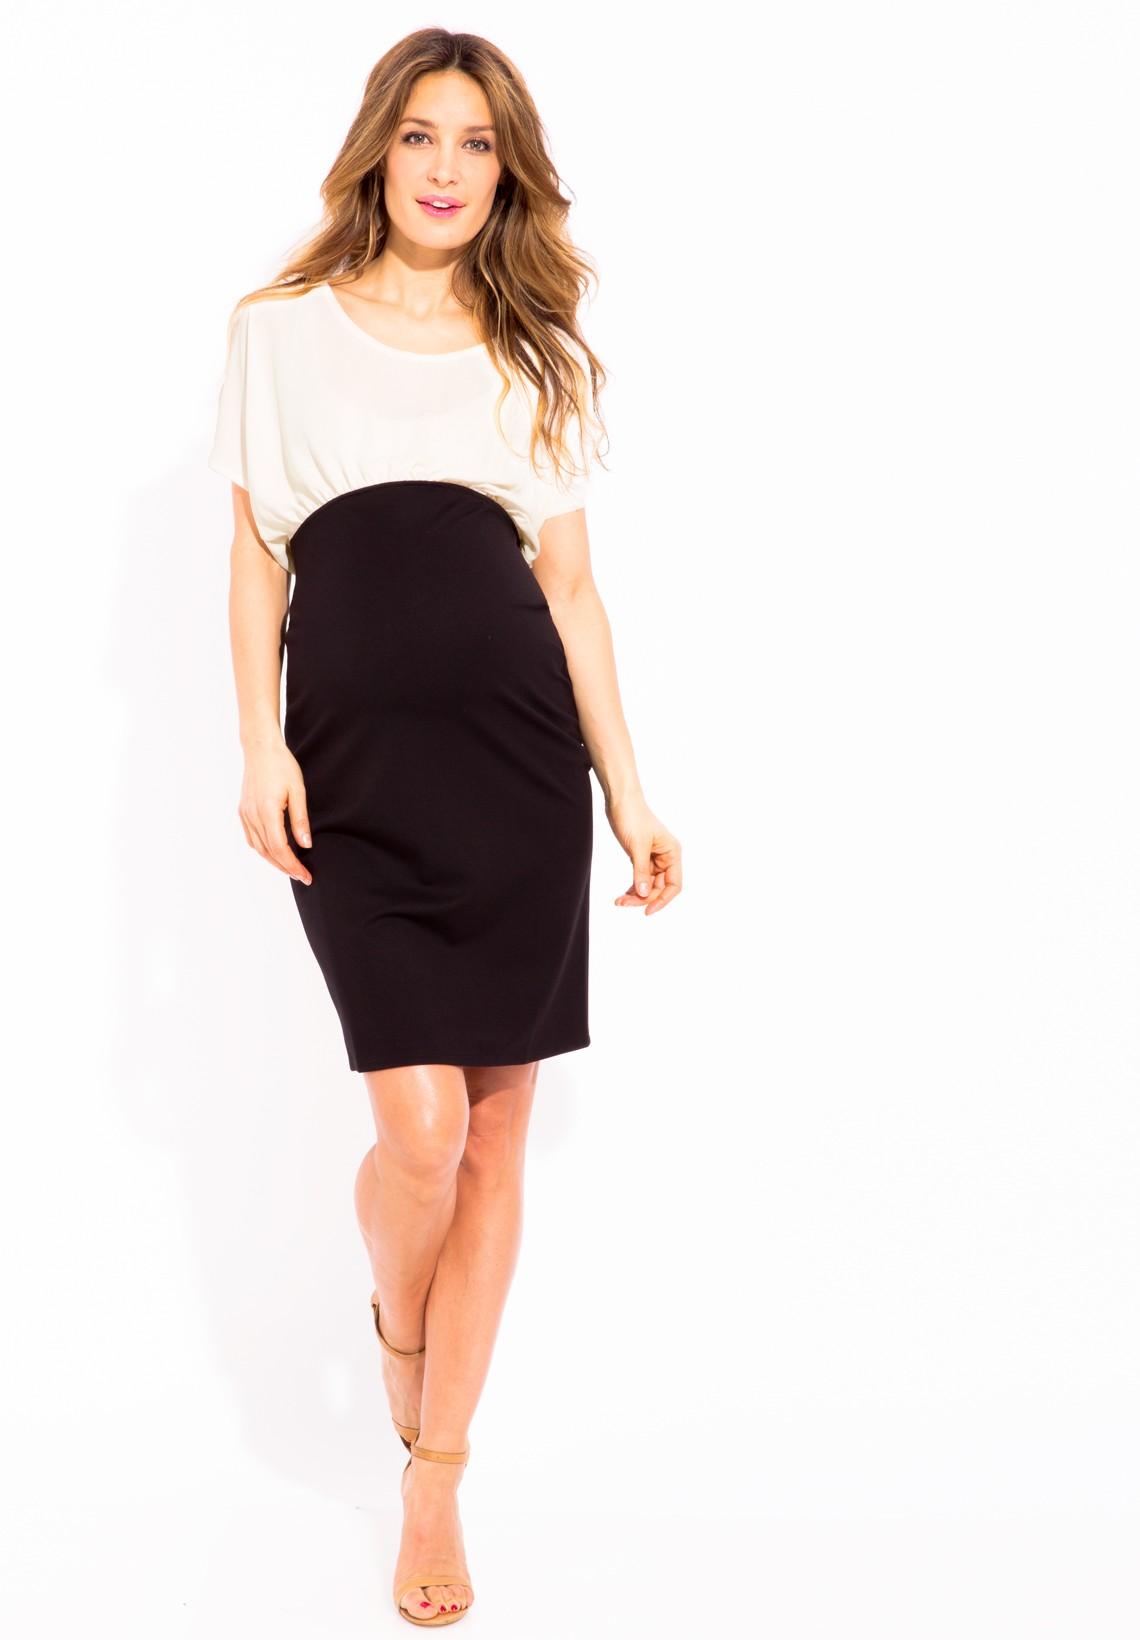 14b34d3055c Aubert – Pour Jours Robe Tous Des Vêtements Femme Élégants Les Enceinte  8wnP0Ok